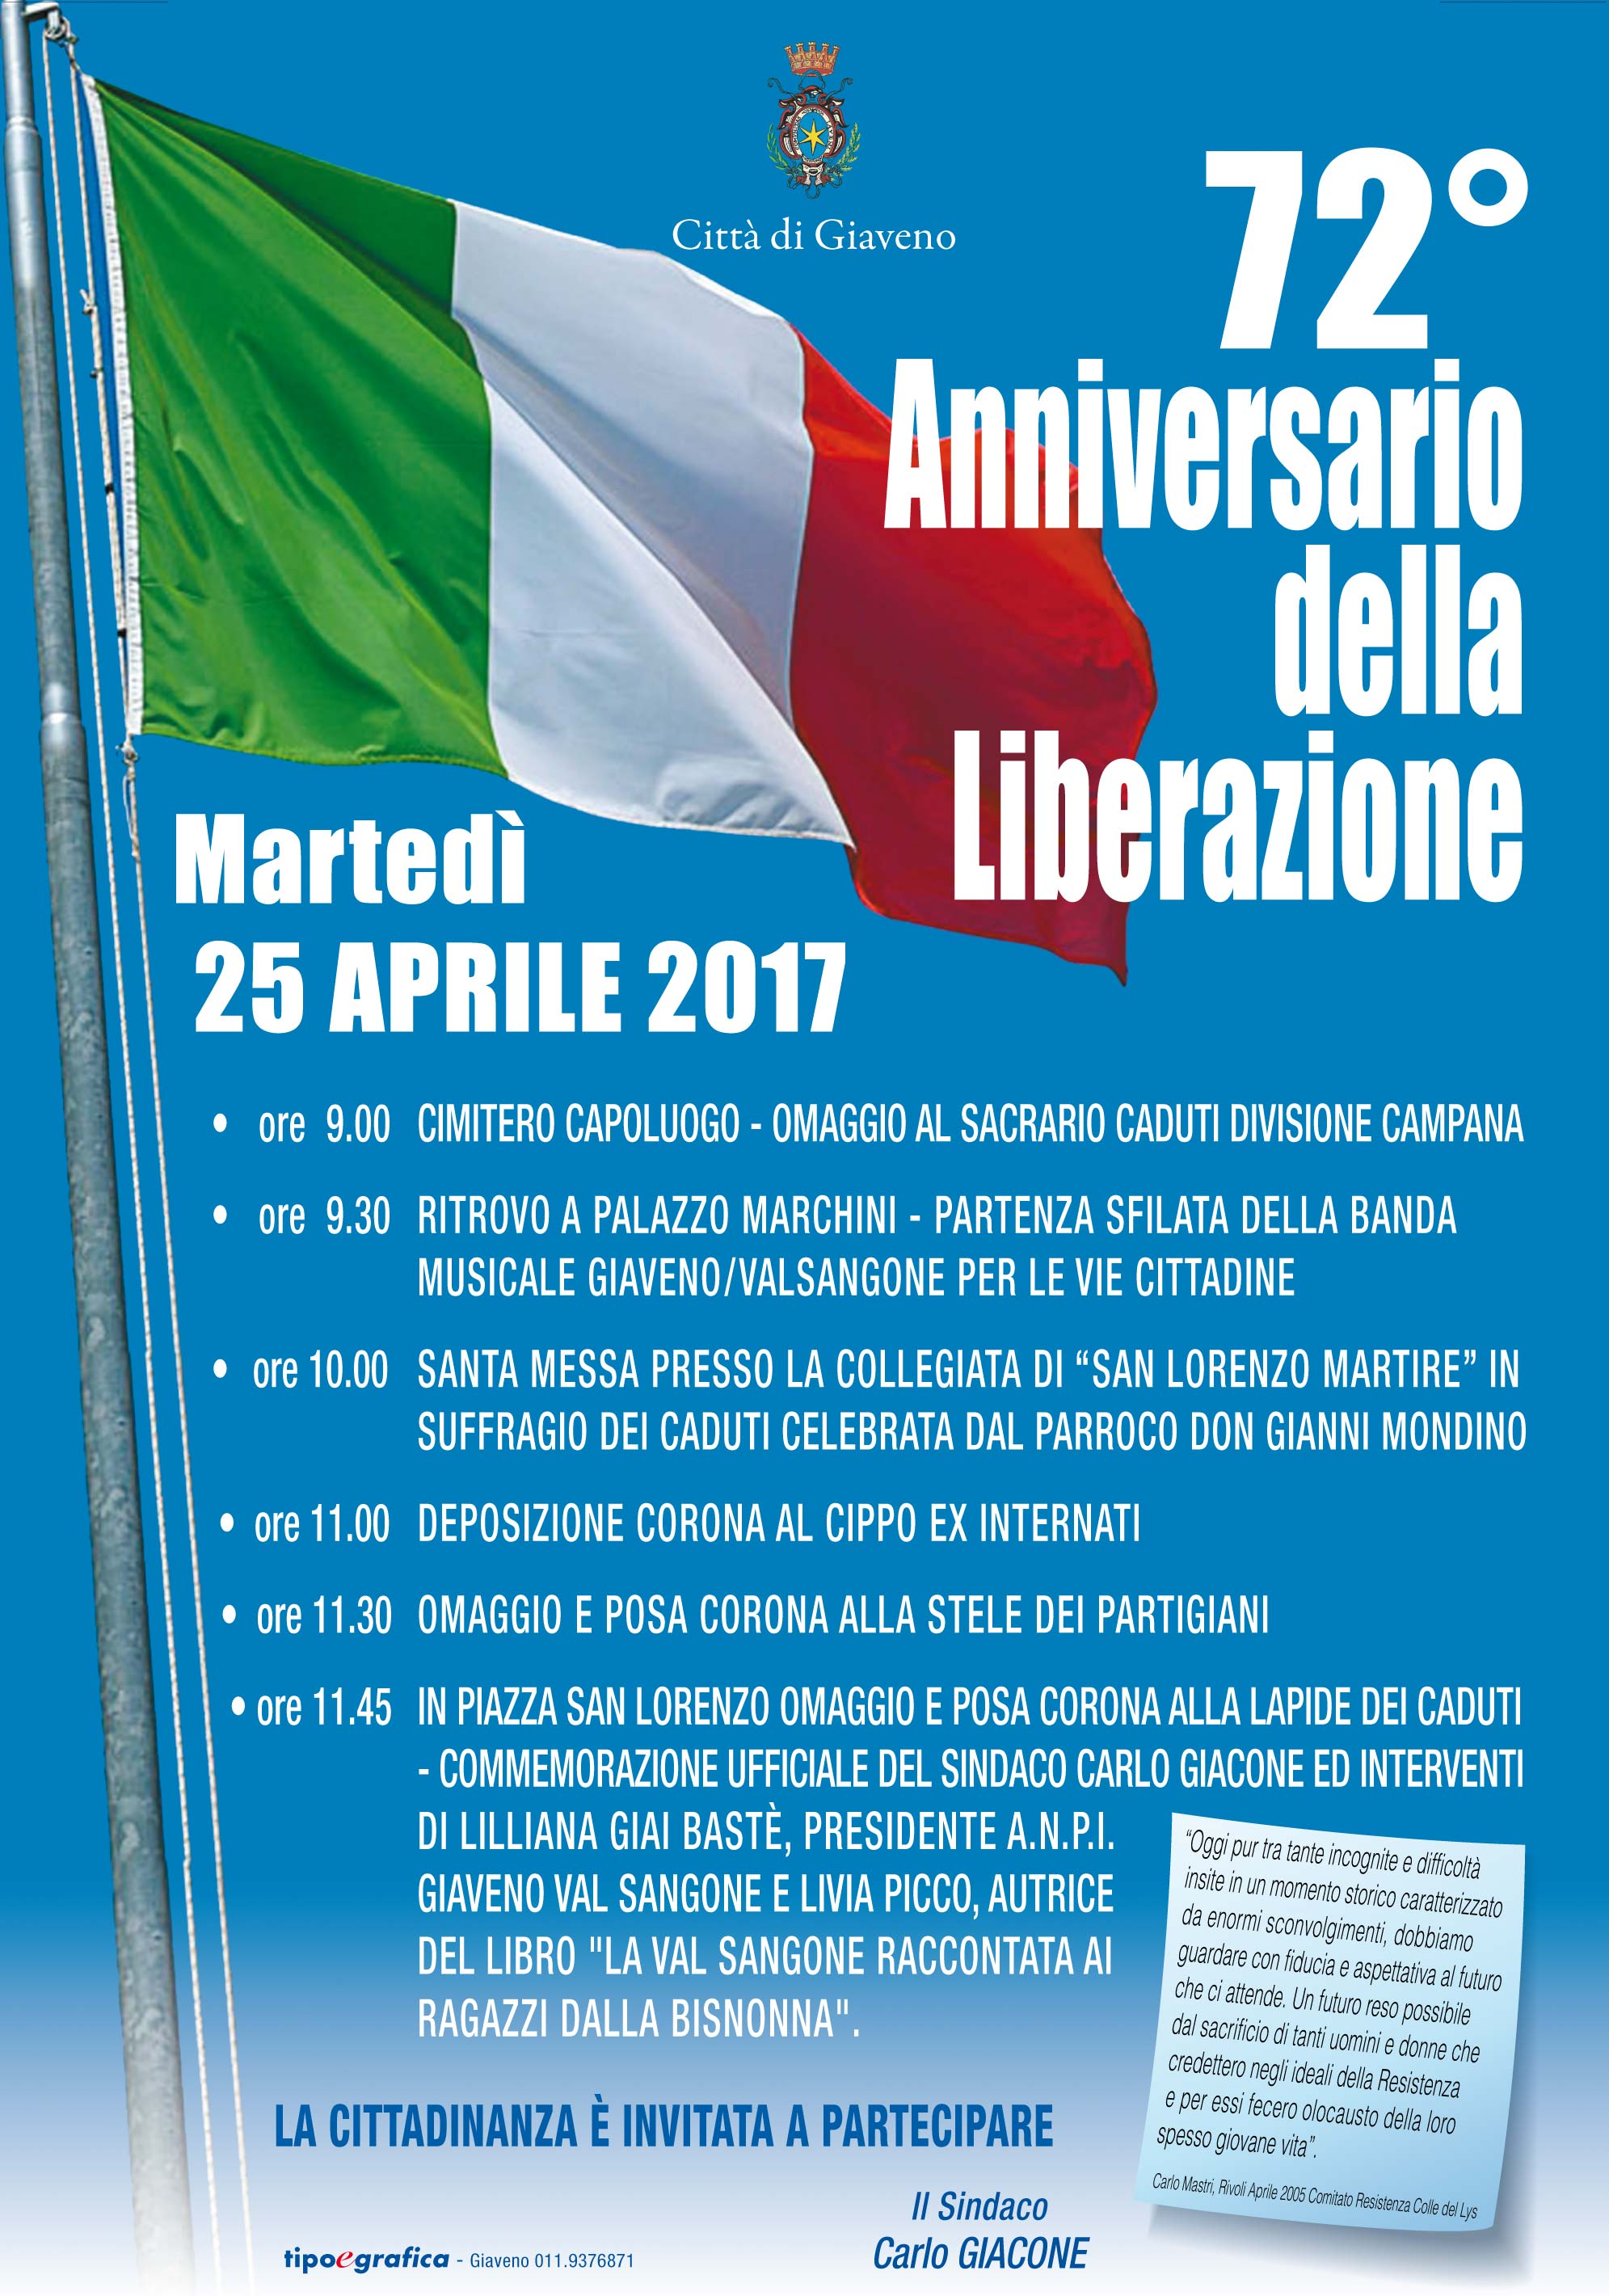 72° Anniversario  della Liberazione  – Martedì 25 Aprile 2017